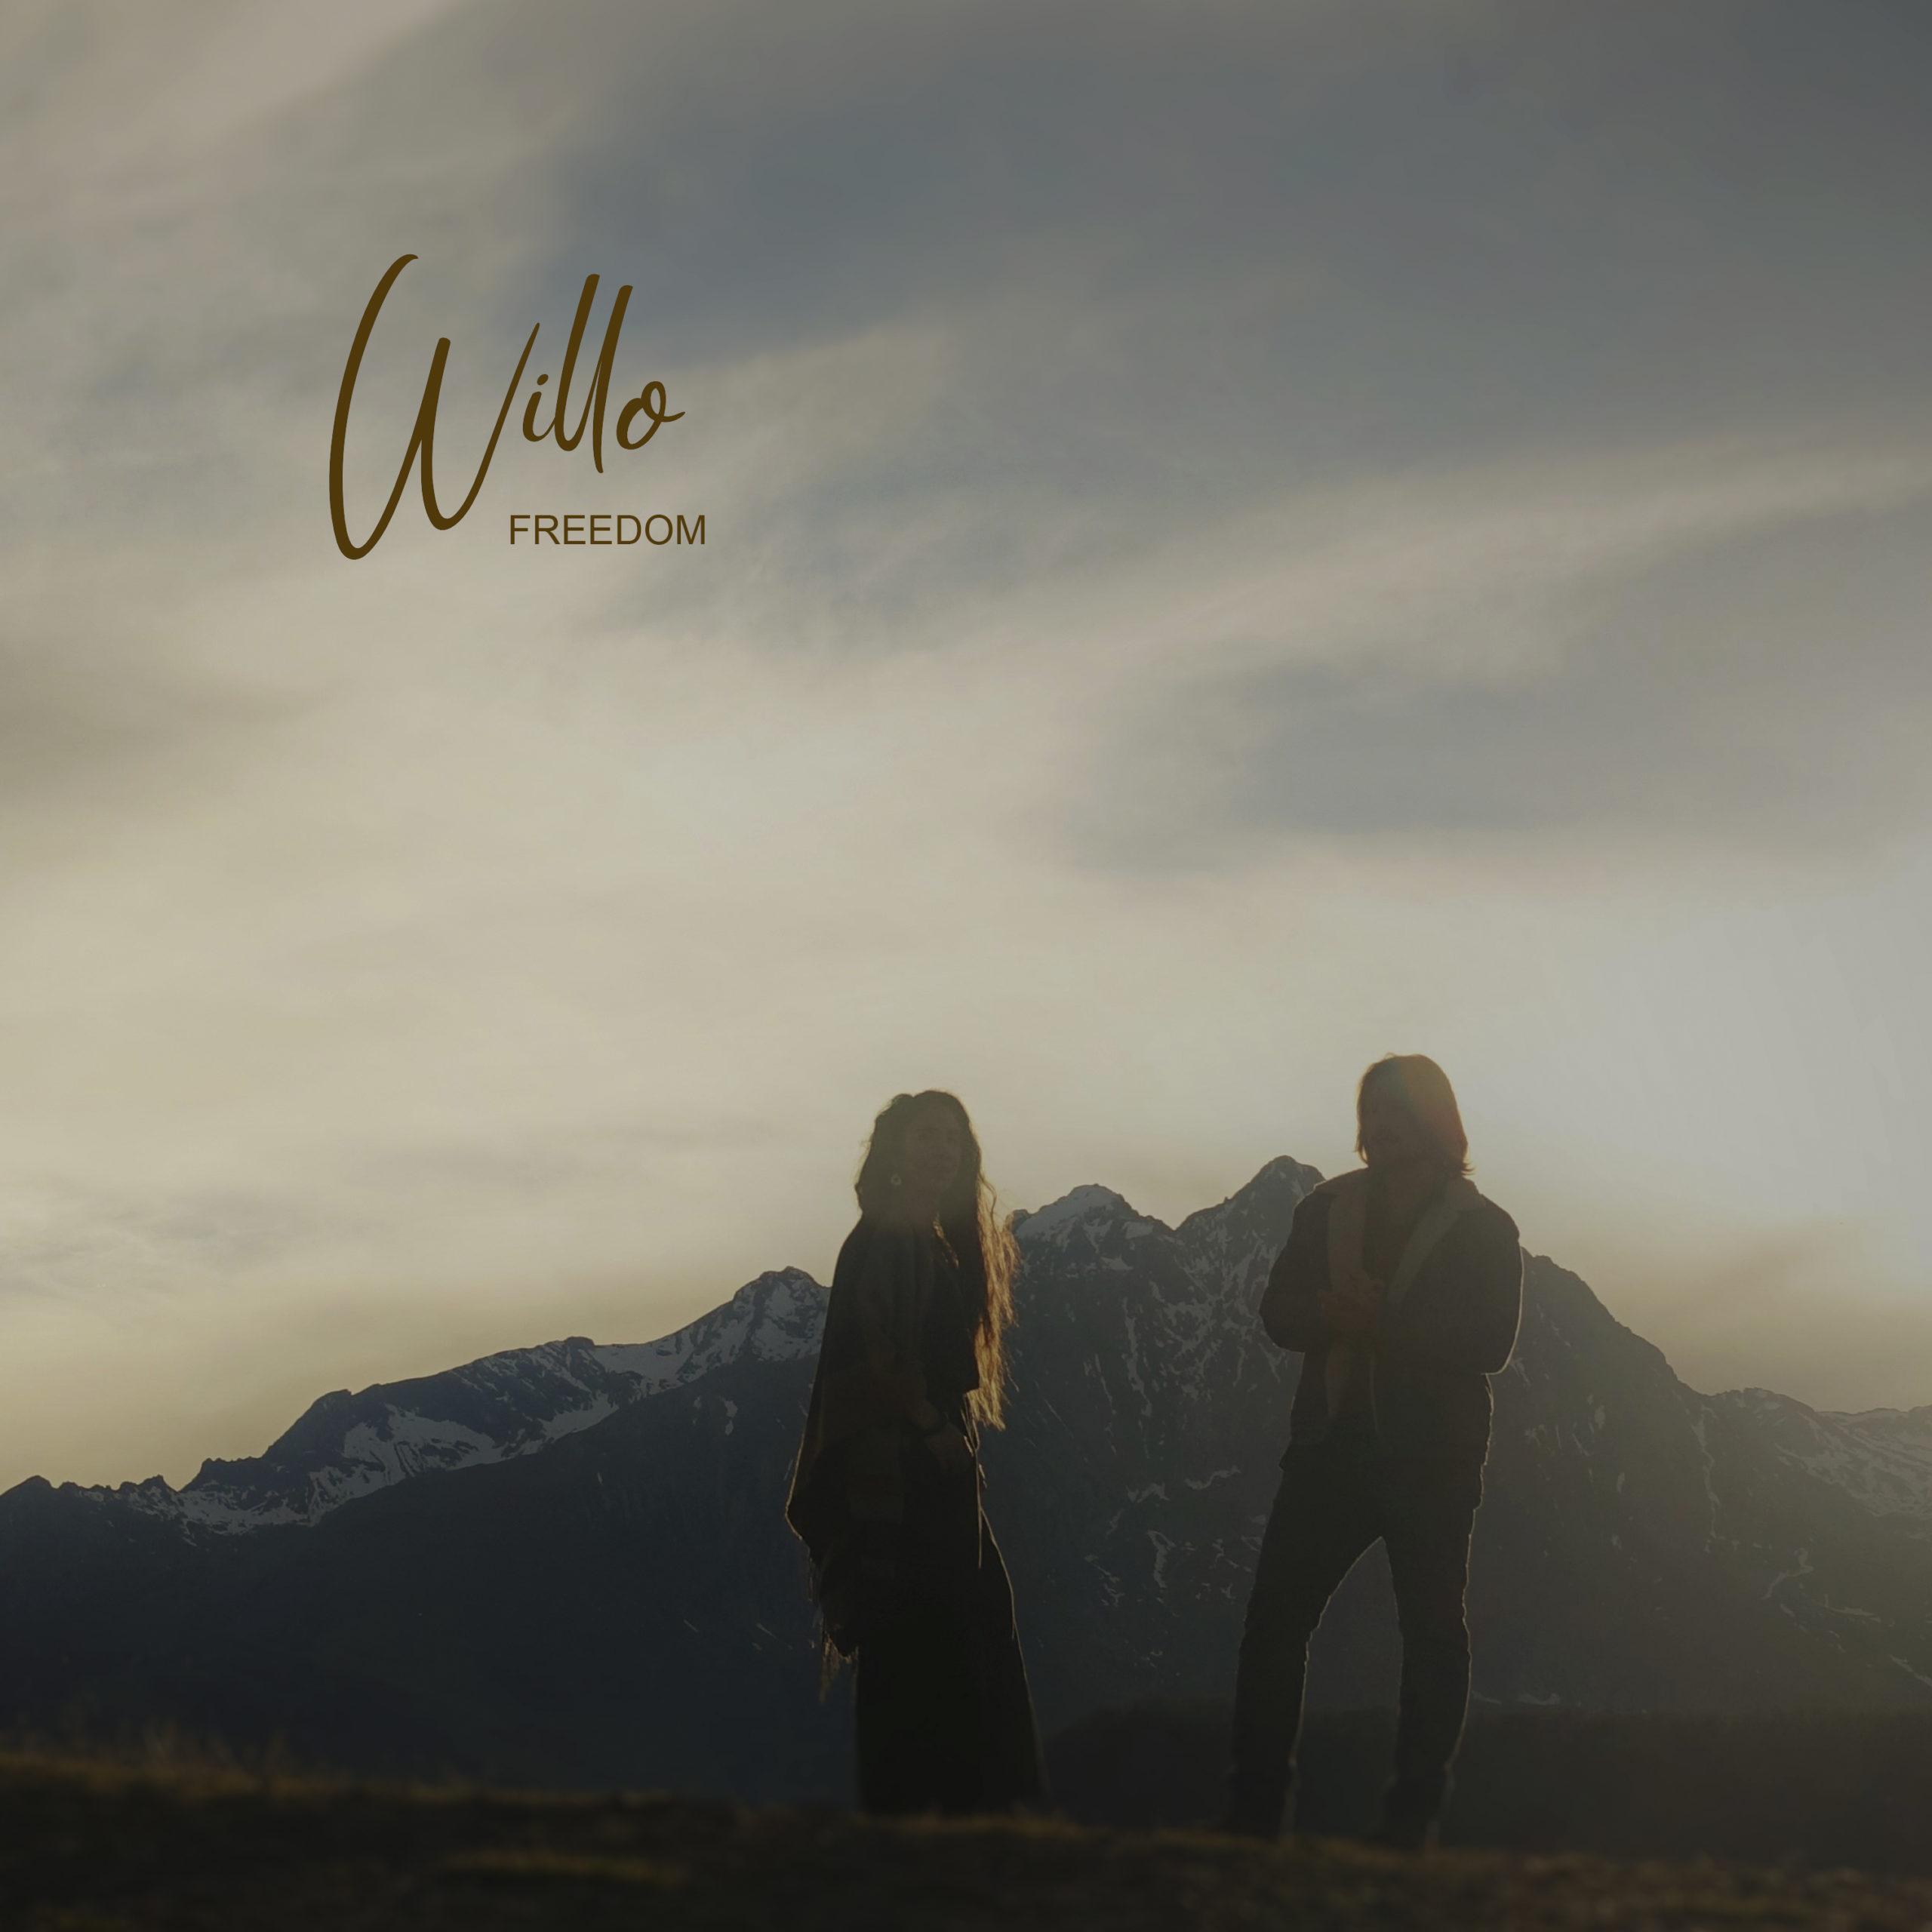 freedom - WILLO